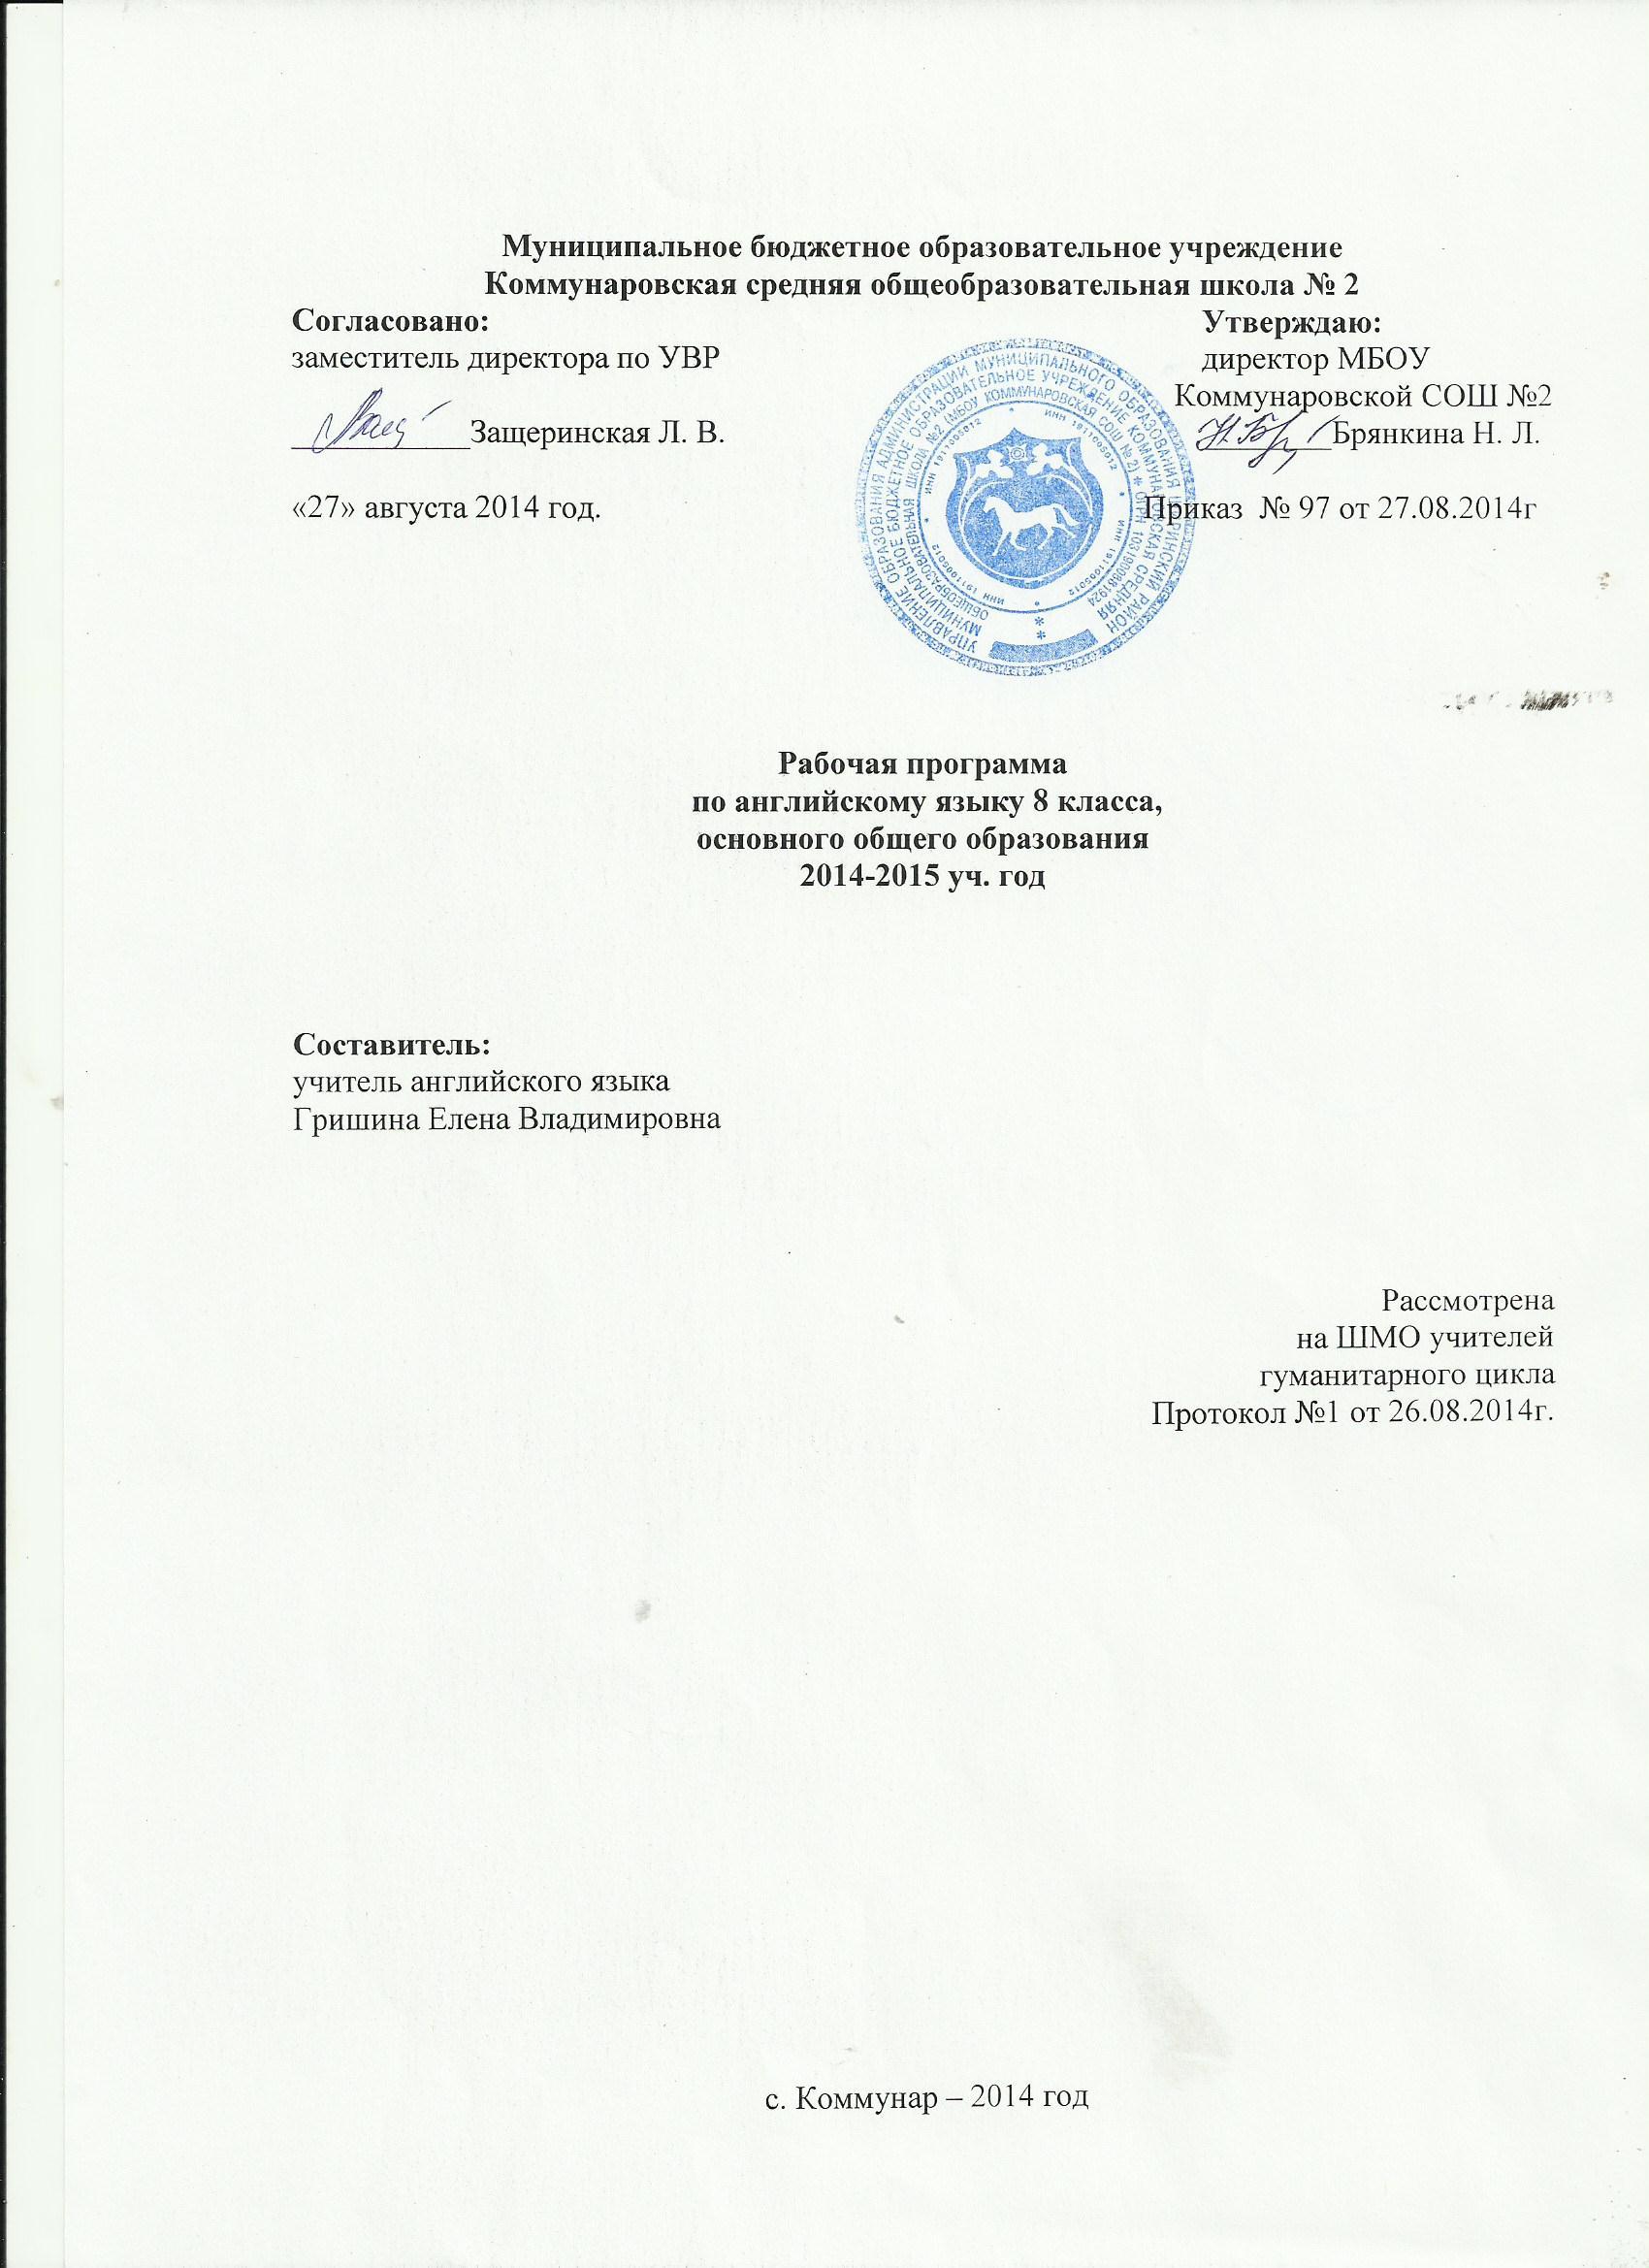 Рабочая программа по английскому языку для класса УМК М З  i тит Гришина 8 кл jpg